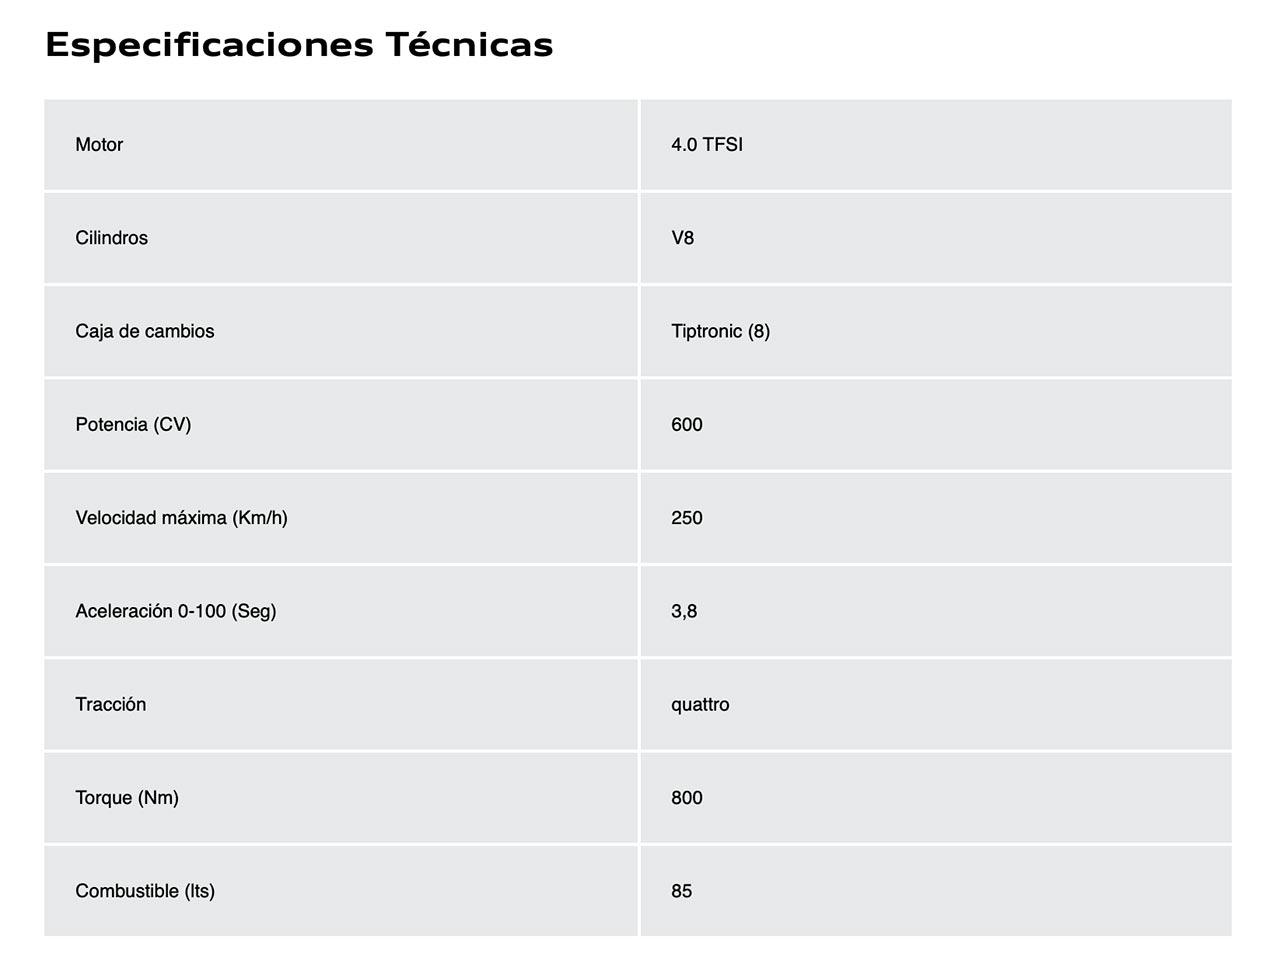 Especificaciones técnica Audi RS Q8